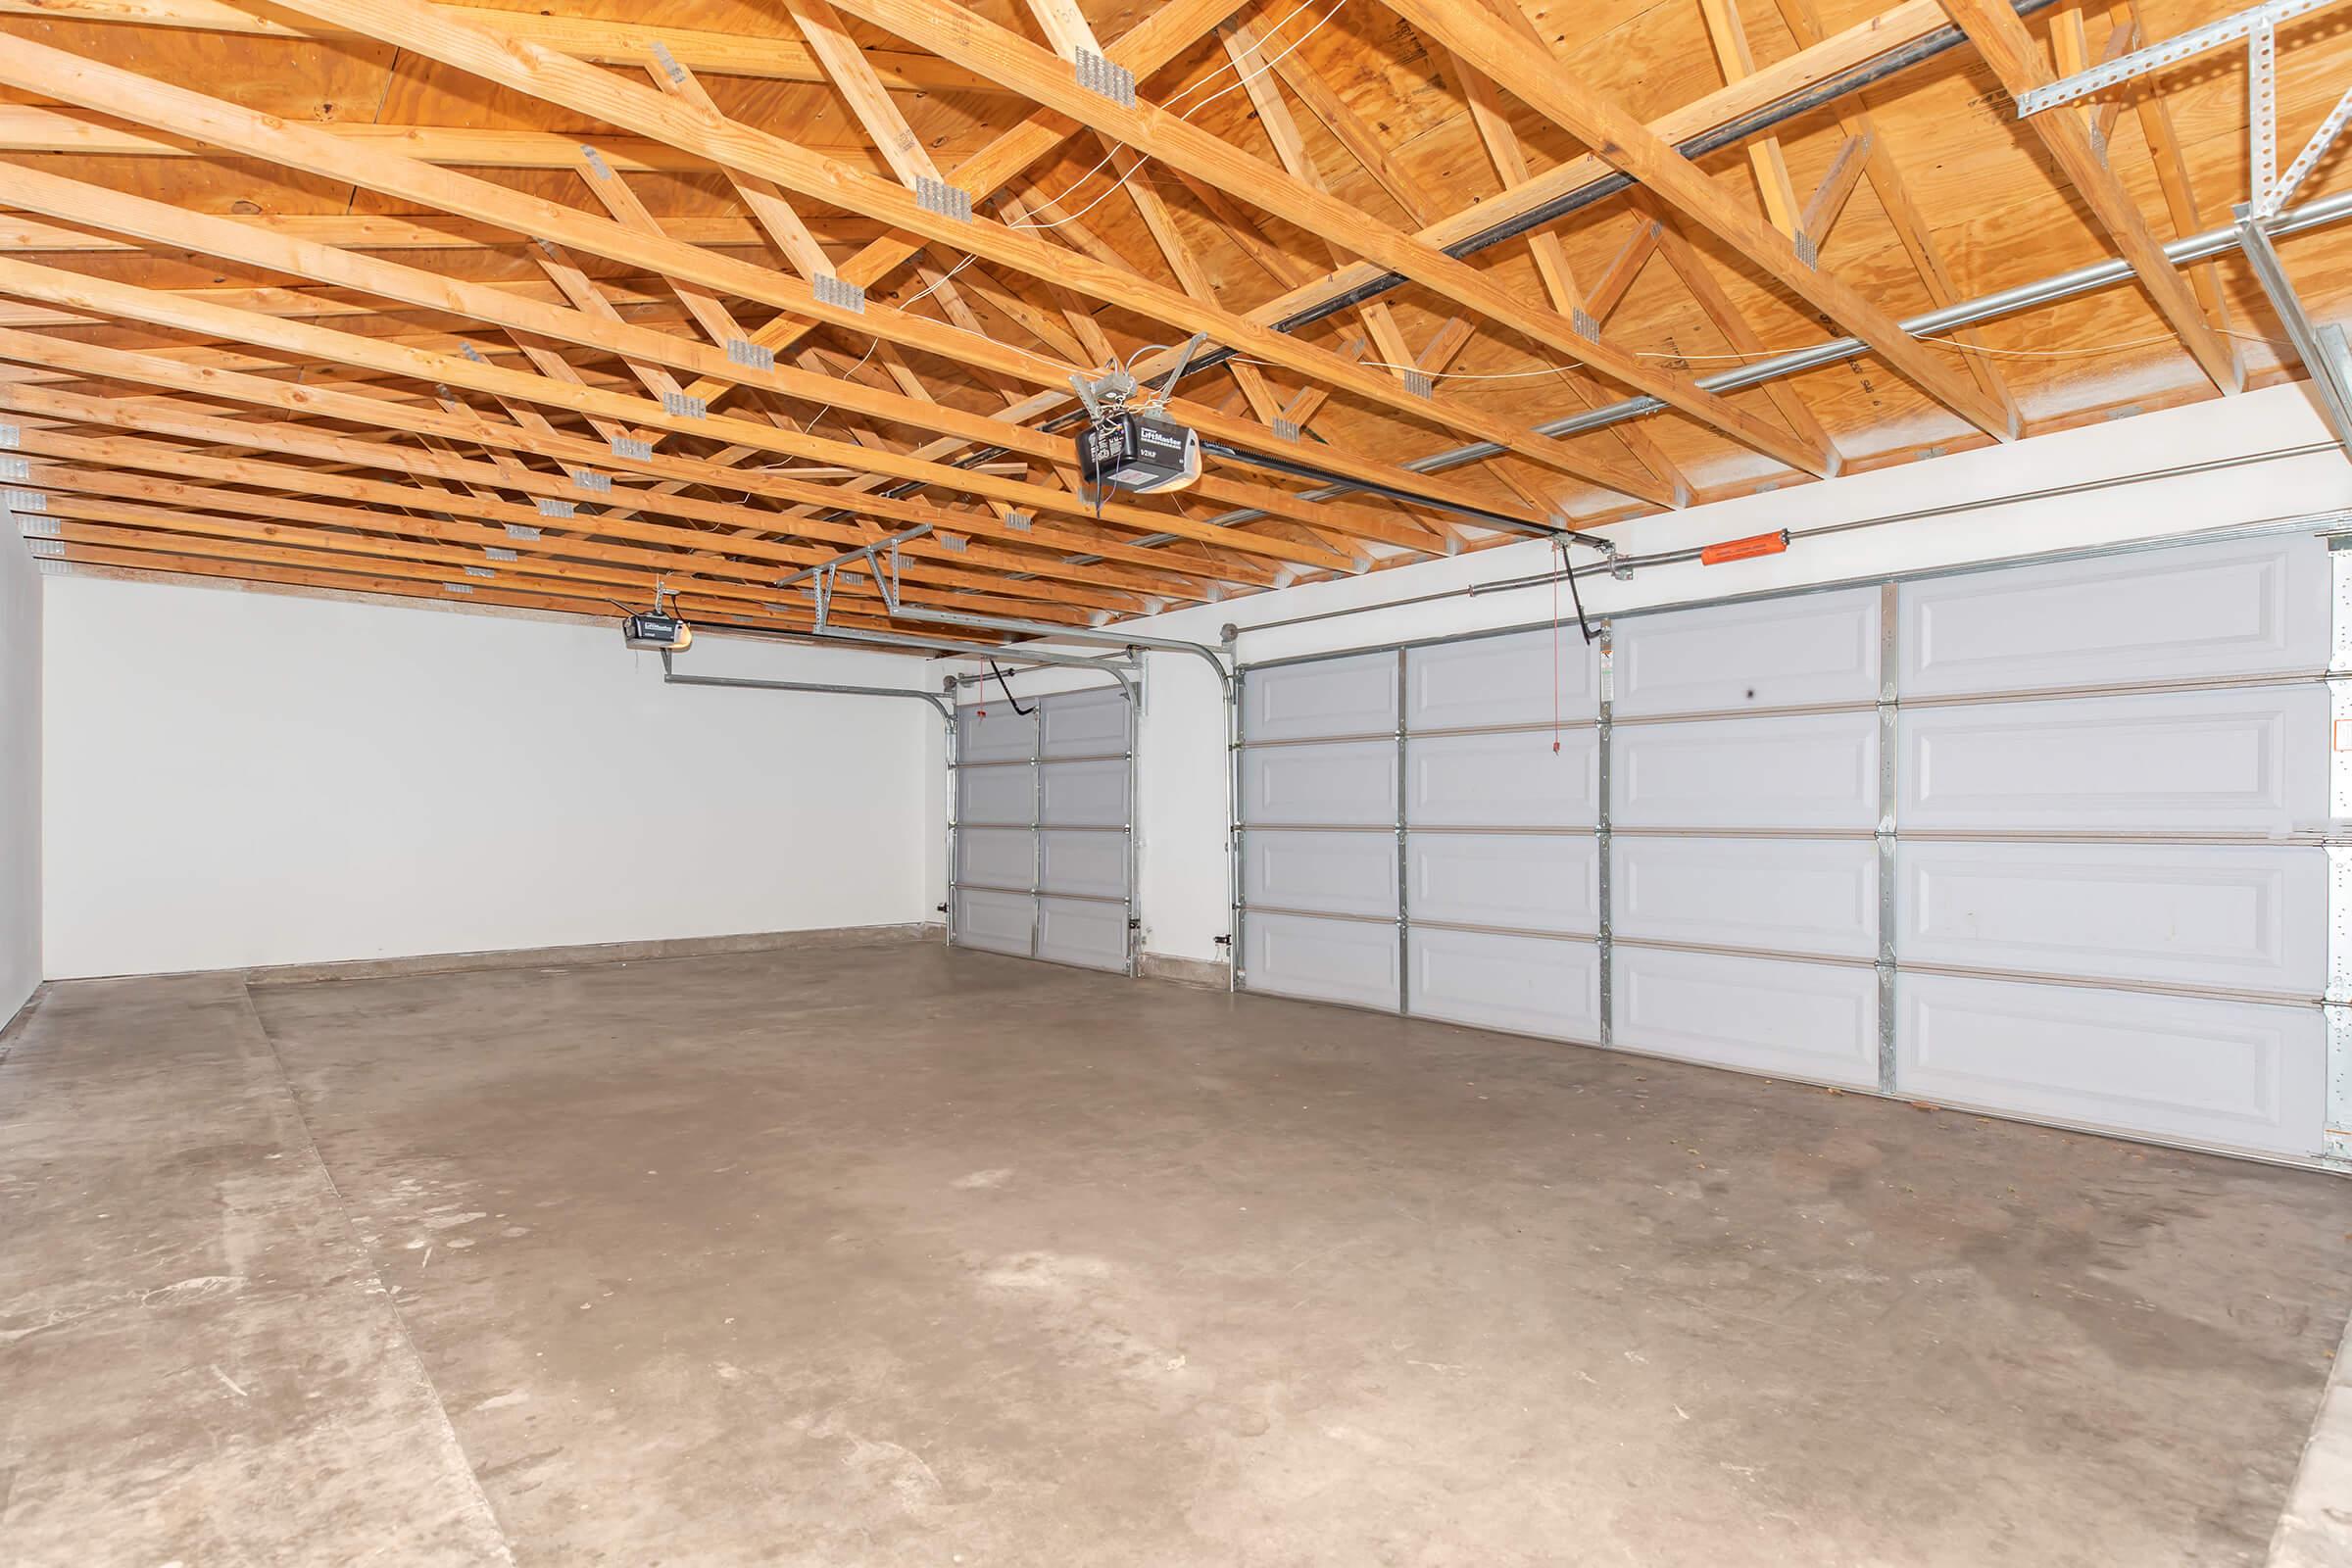 Vacant garages